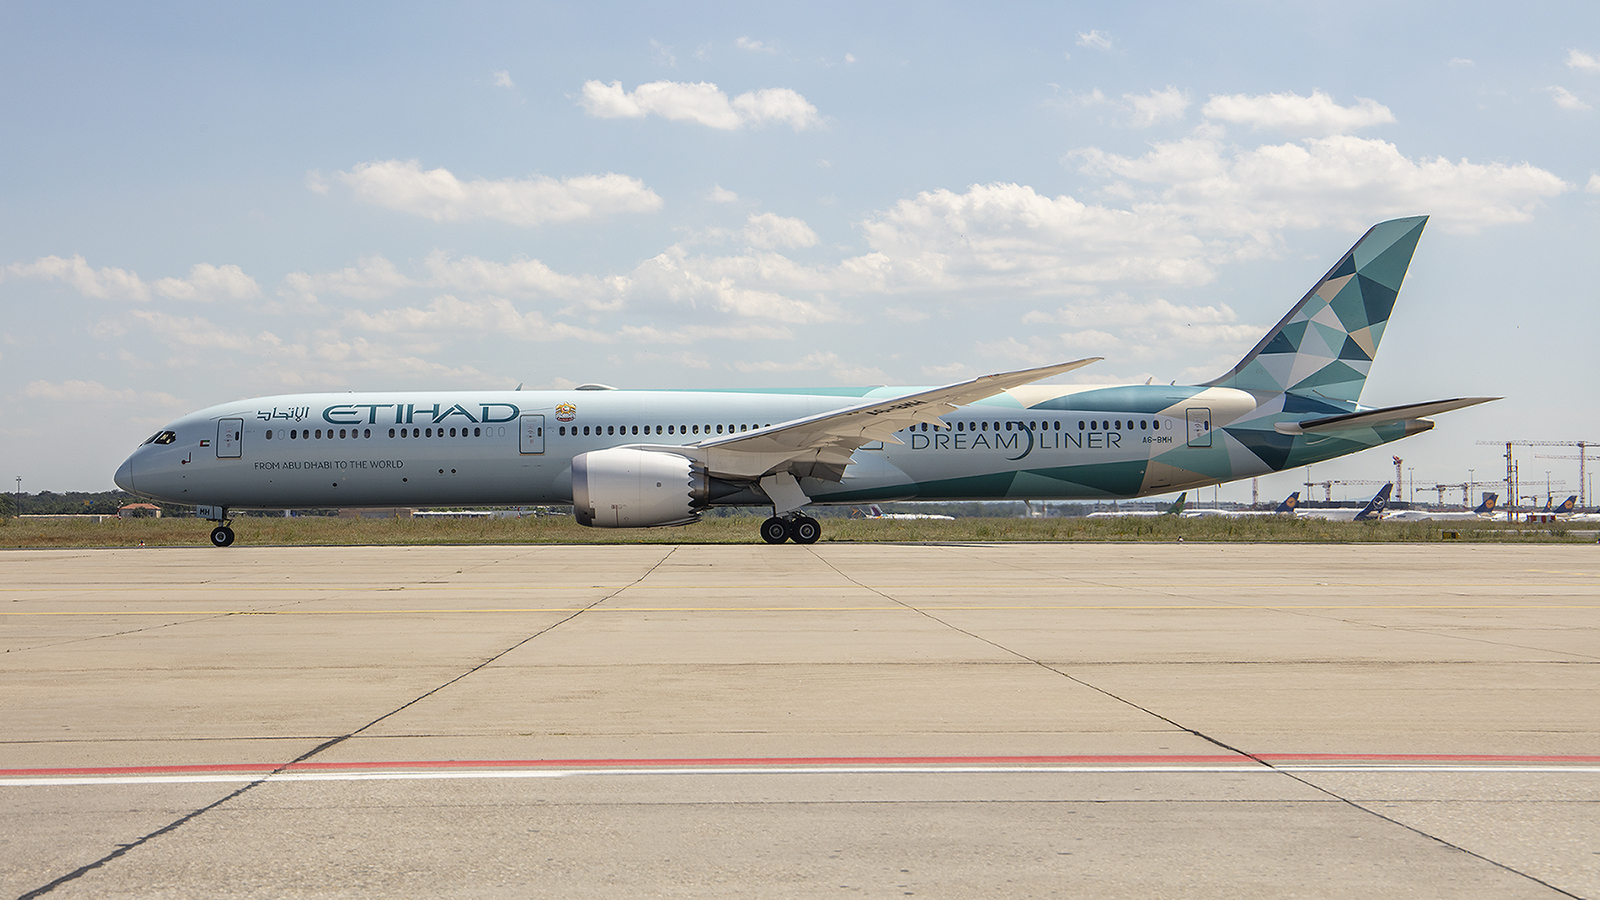 Etihad gehörte zu den wenigen Airlines, die trotz Krise immer kamen, hier der Greenliner.